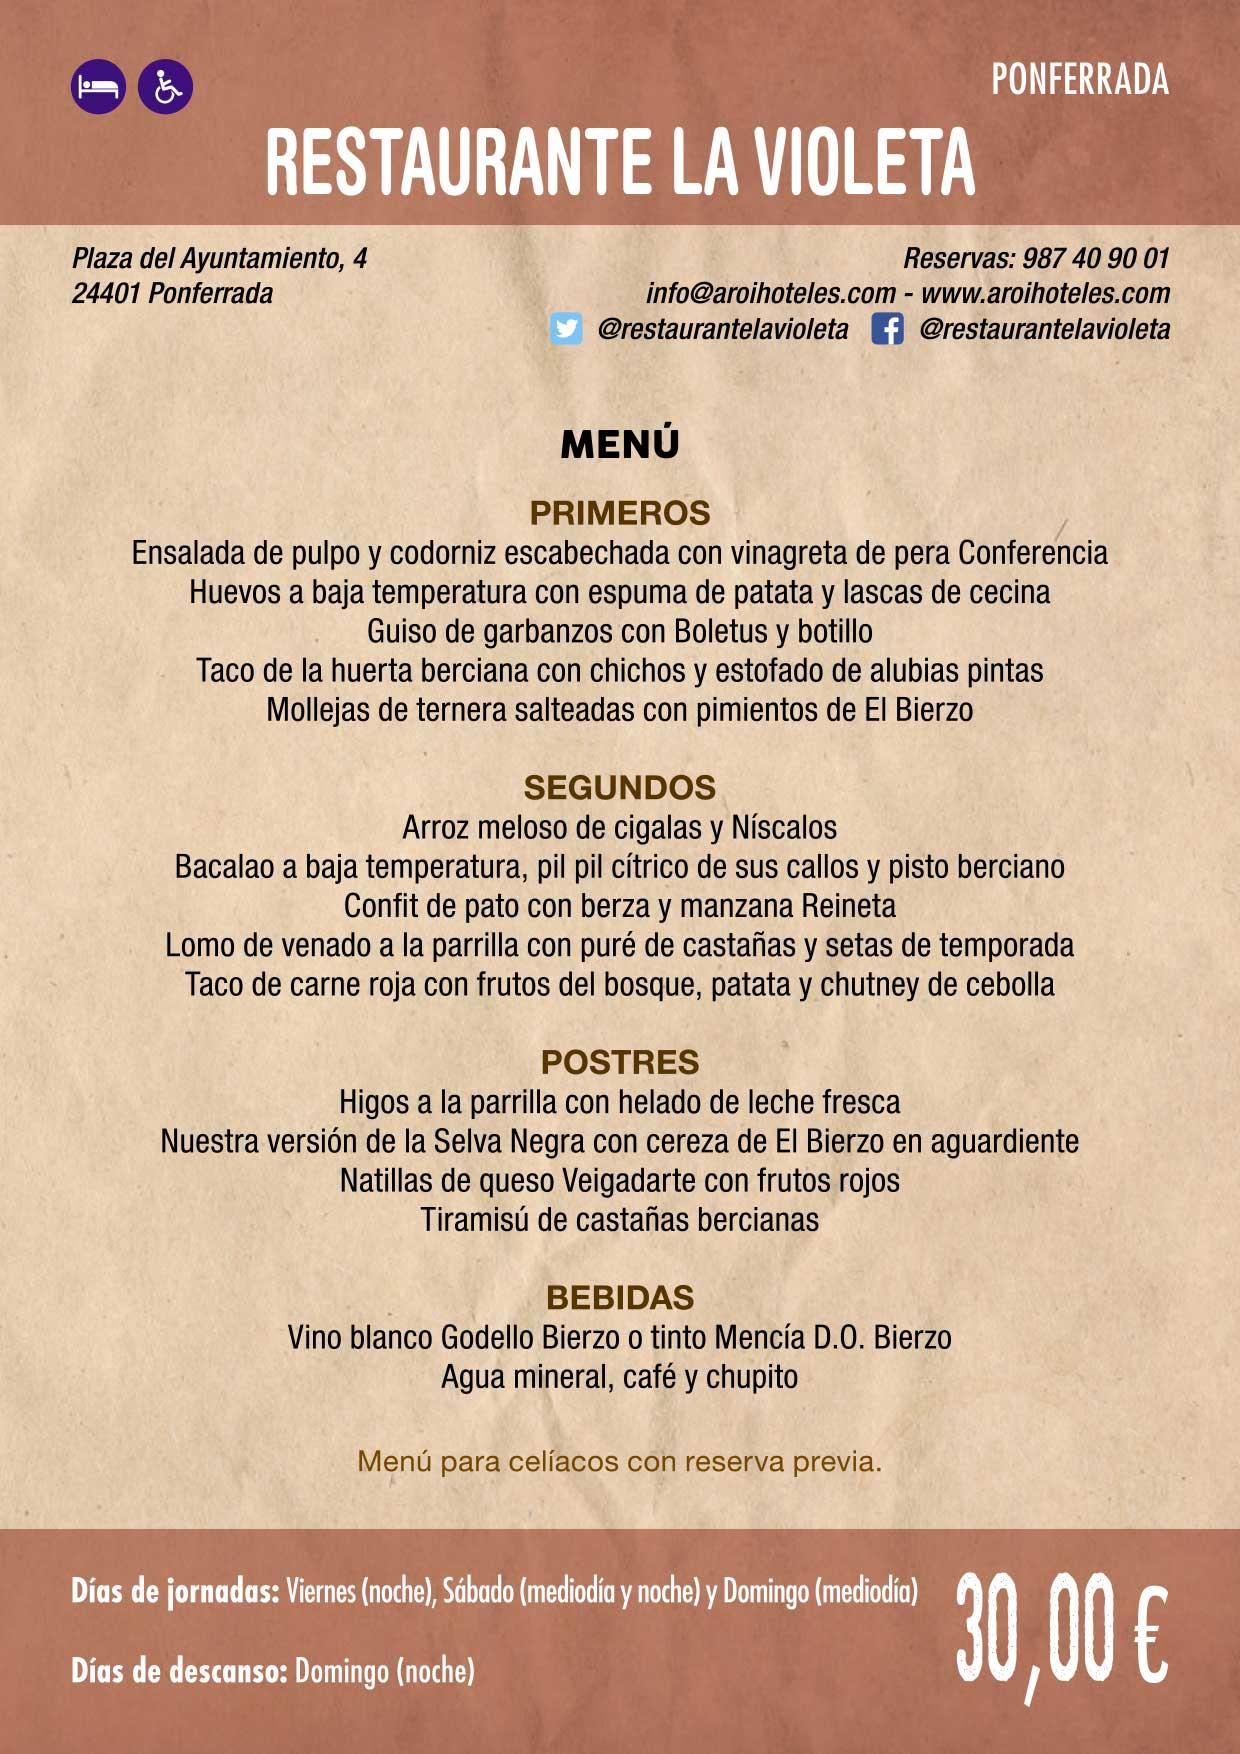 XXXVI Jornadas Gastronómicas De El Bierzo 2020. Consulta los restaurantes y menús 23